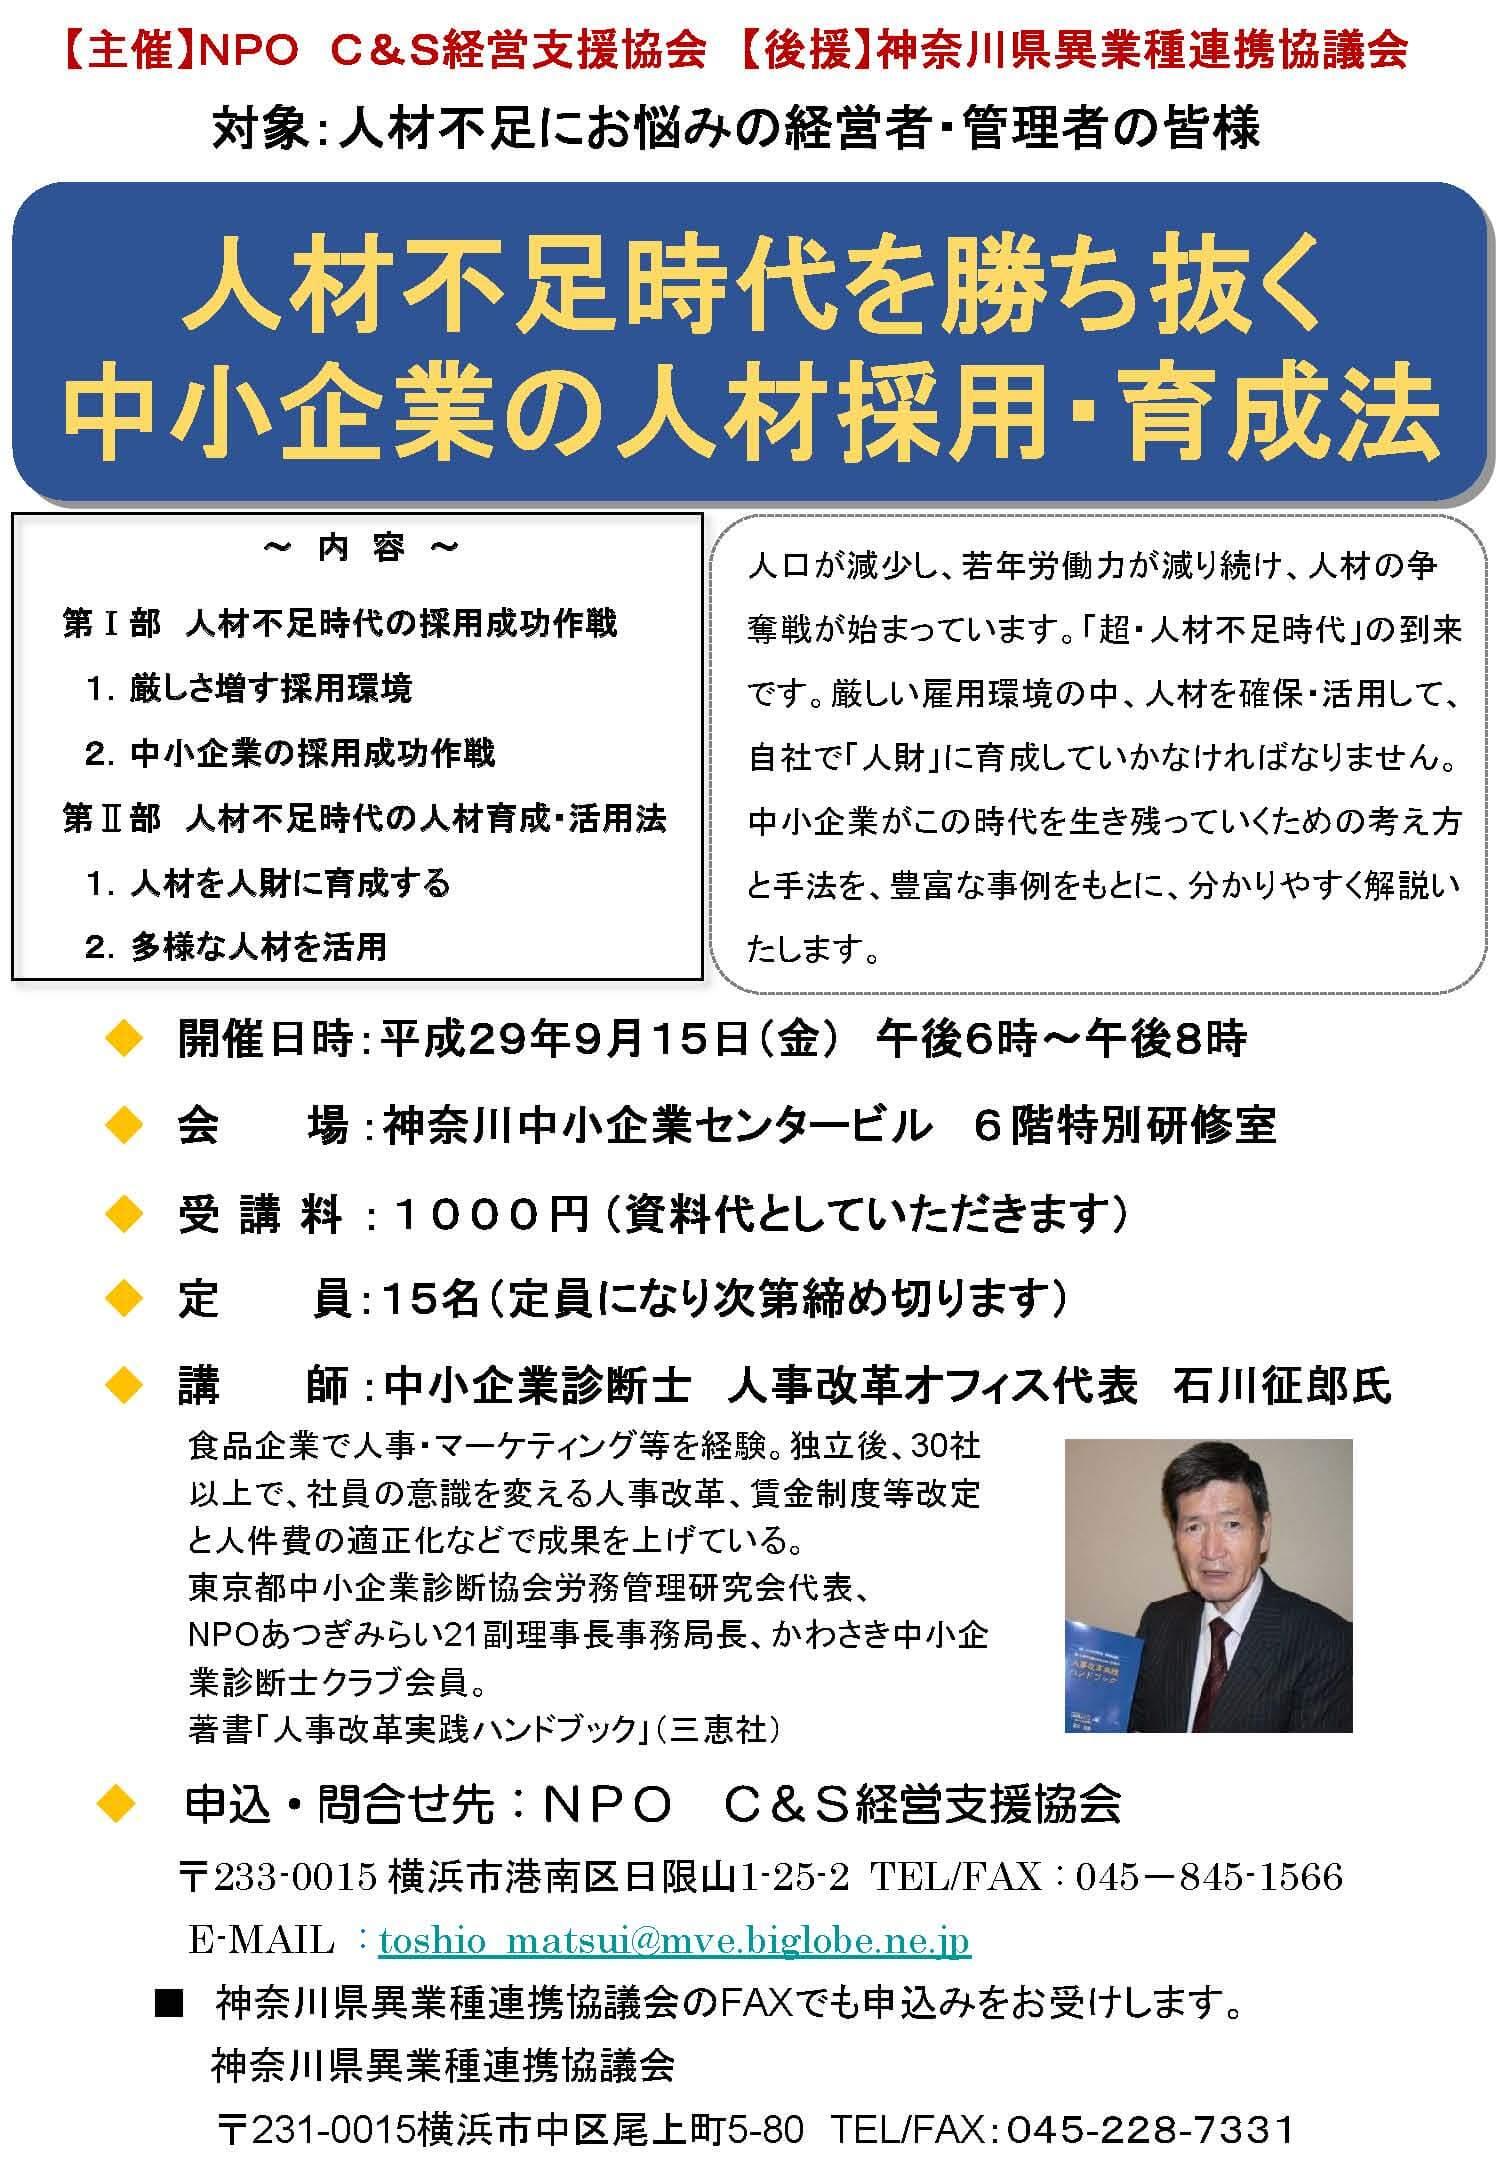 「人材採用・育成法セミナー」チラシ